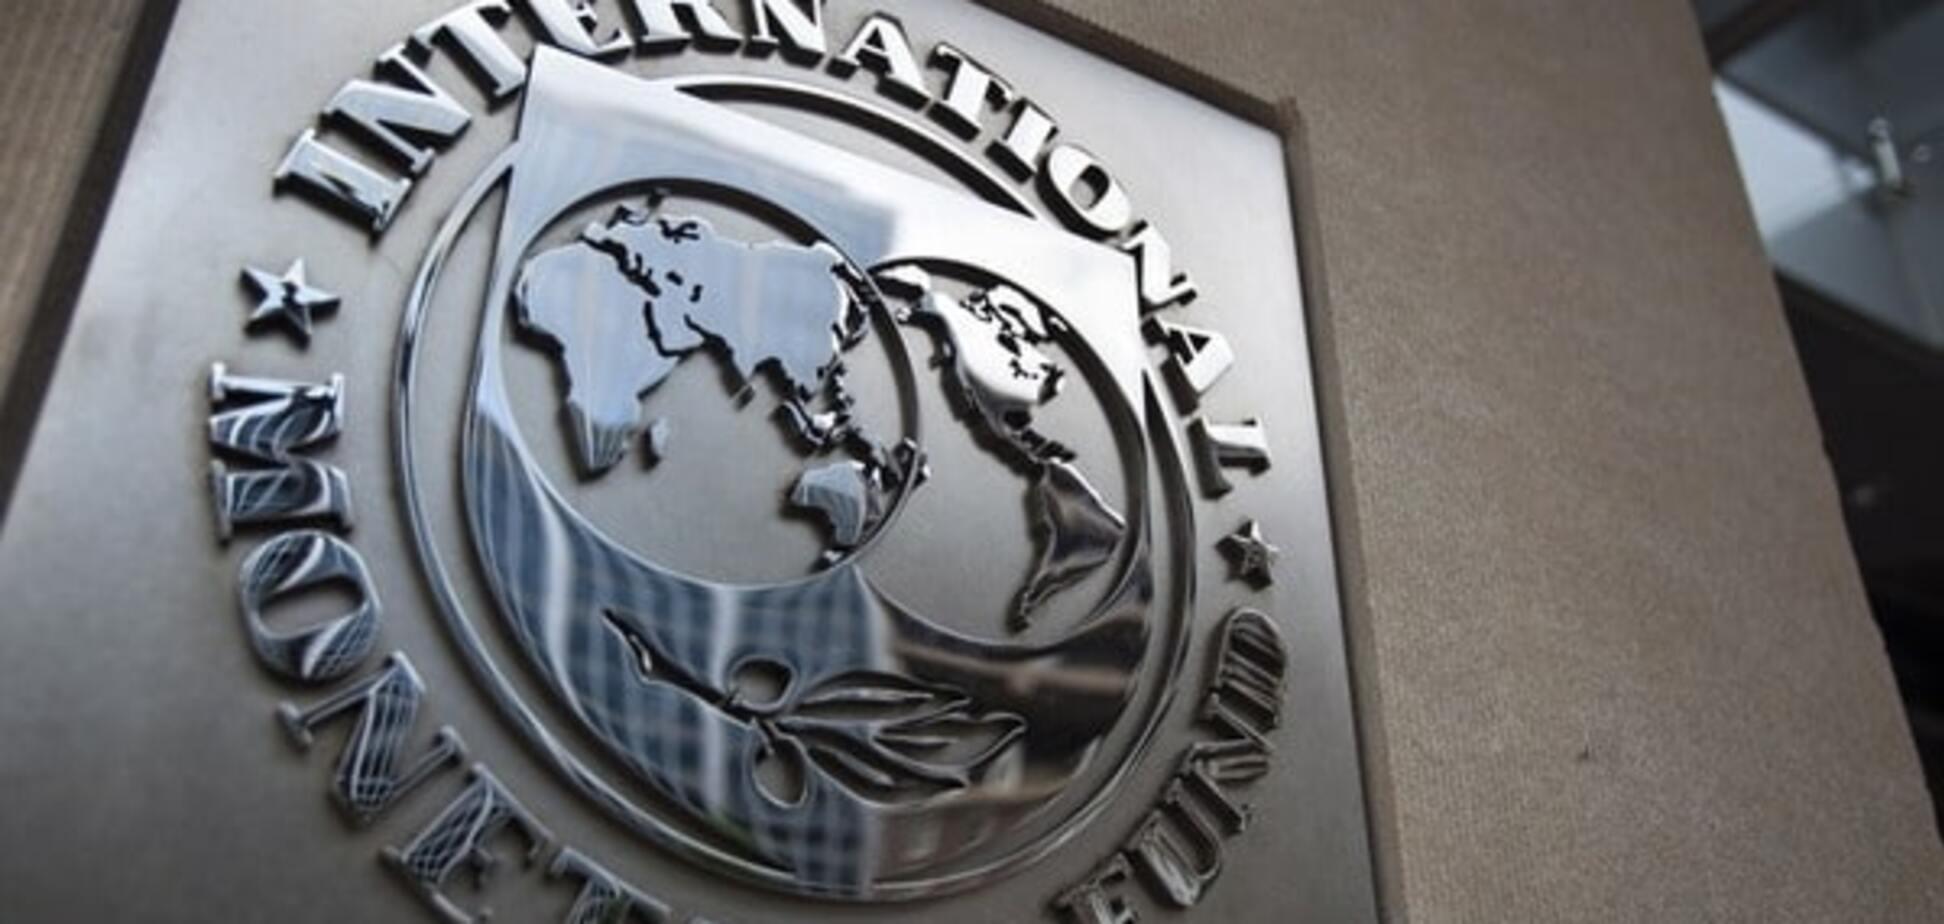 Бути чи не бути: якими є перспективи співробітництва України з МВФ